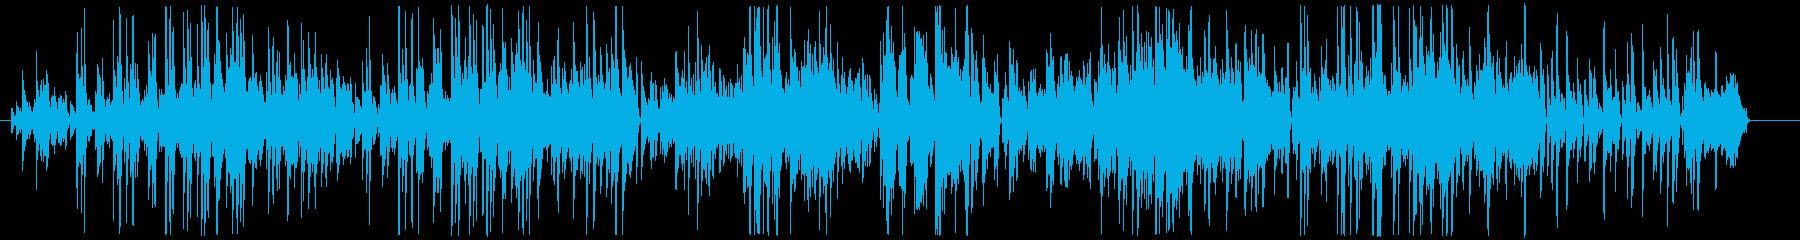 小気味の良いピアノのボサノヴァの再生済みの波形